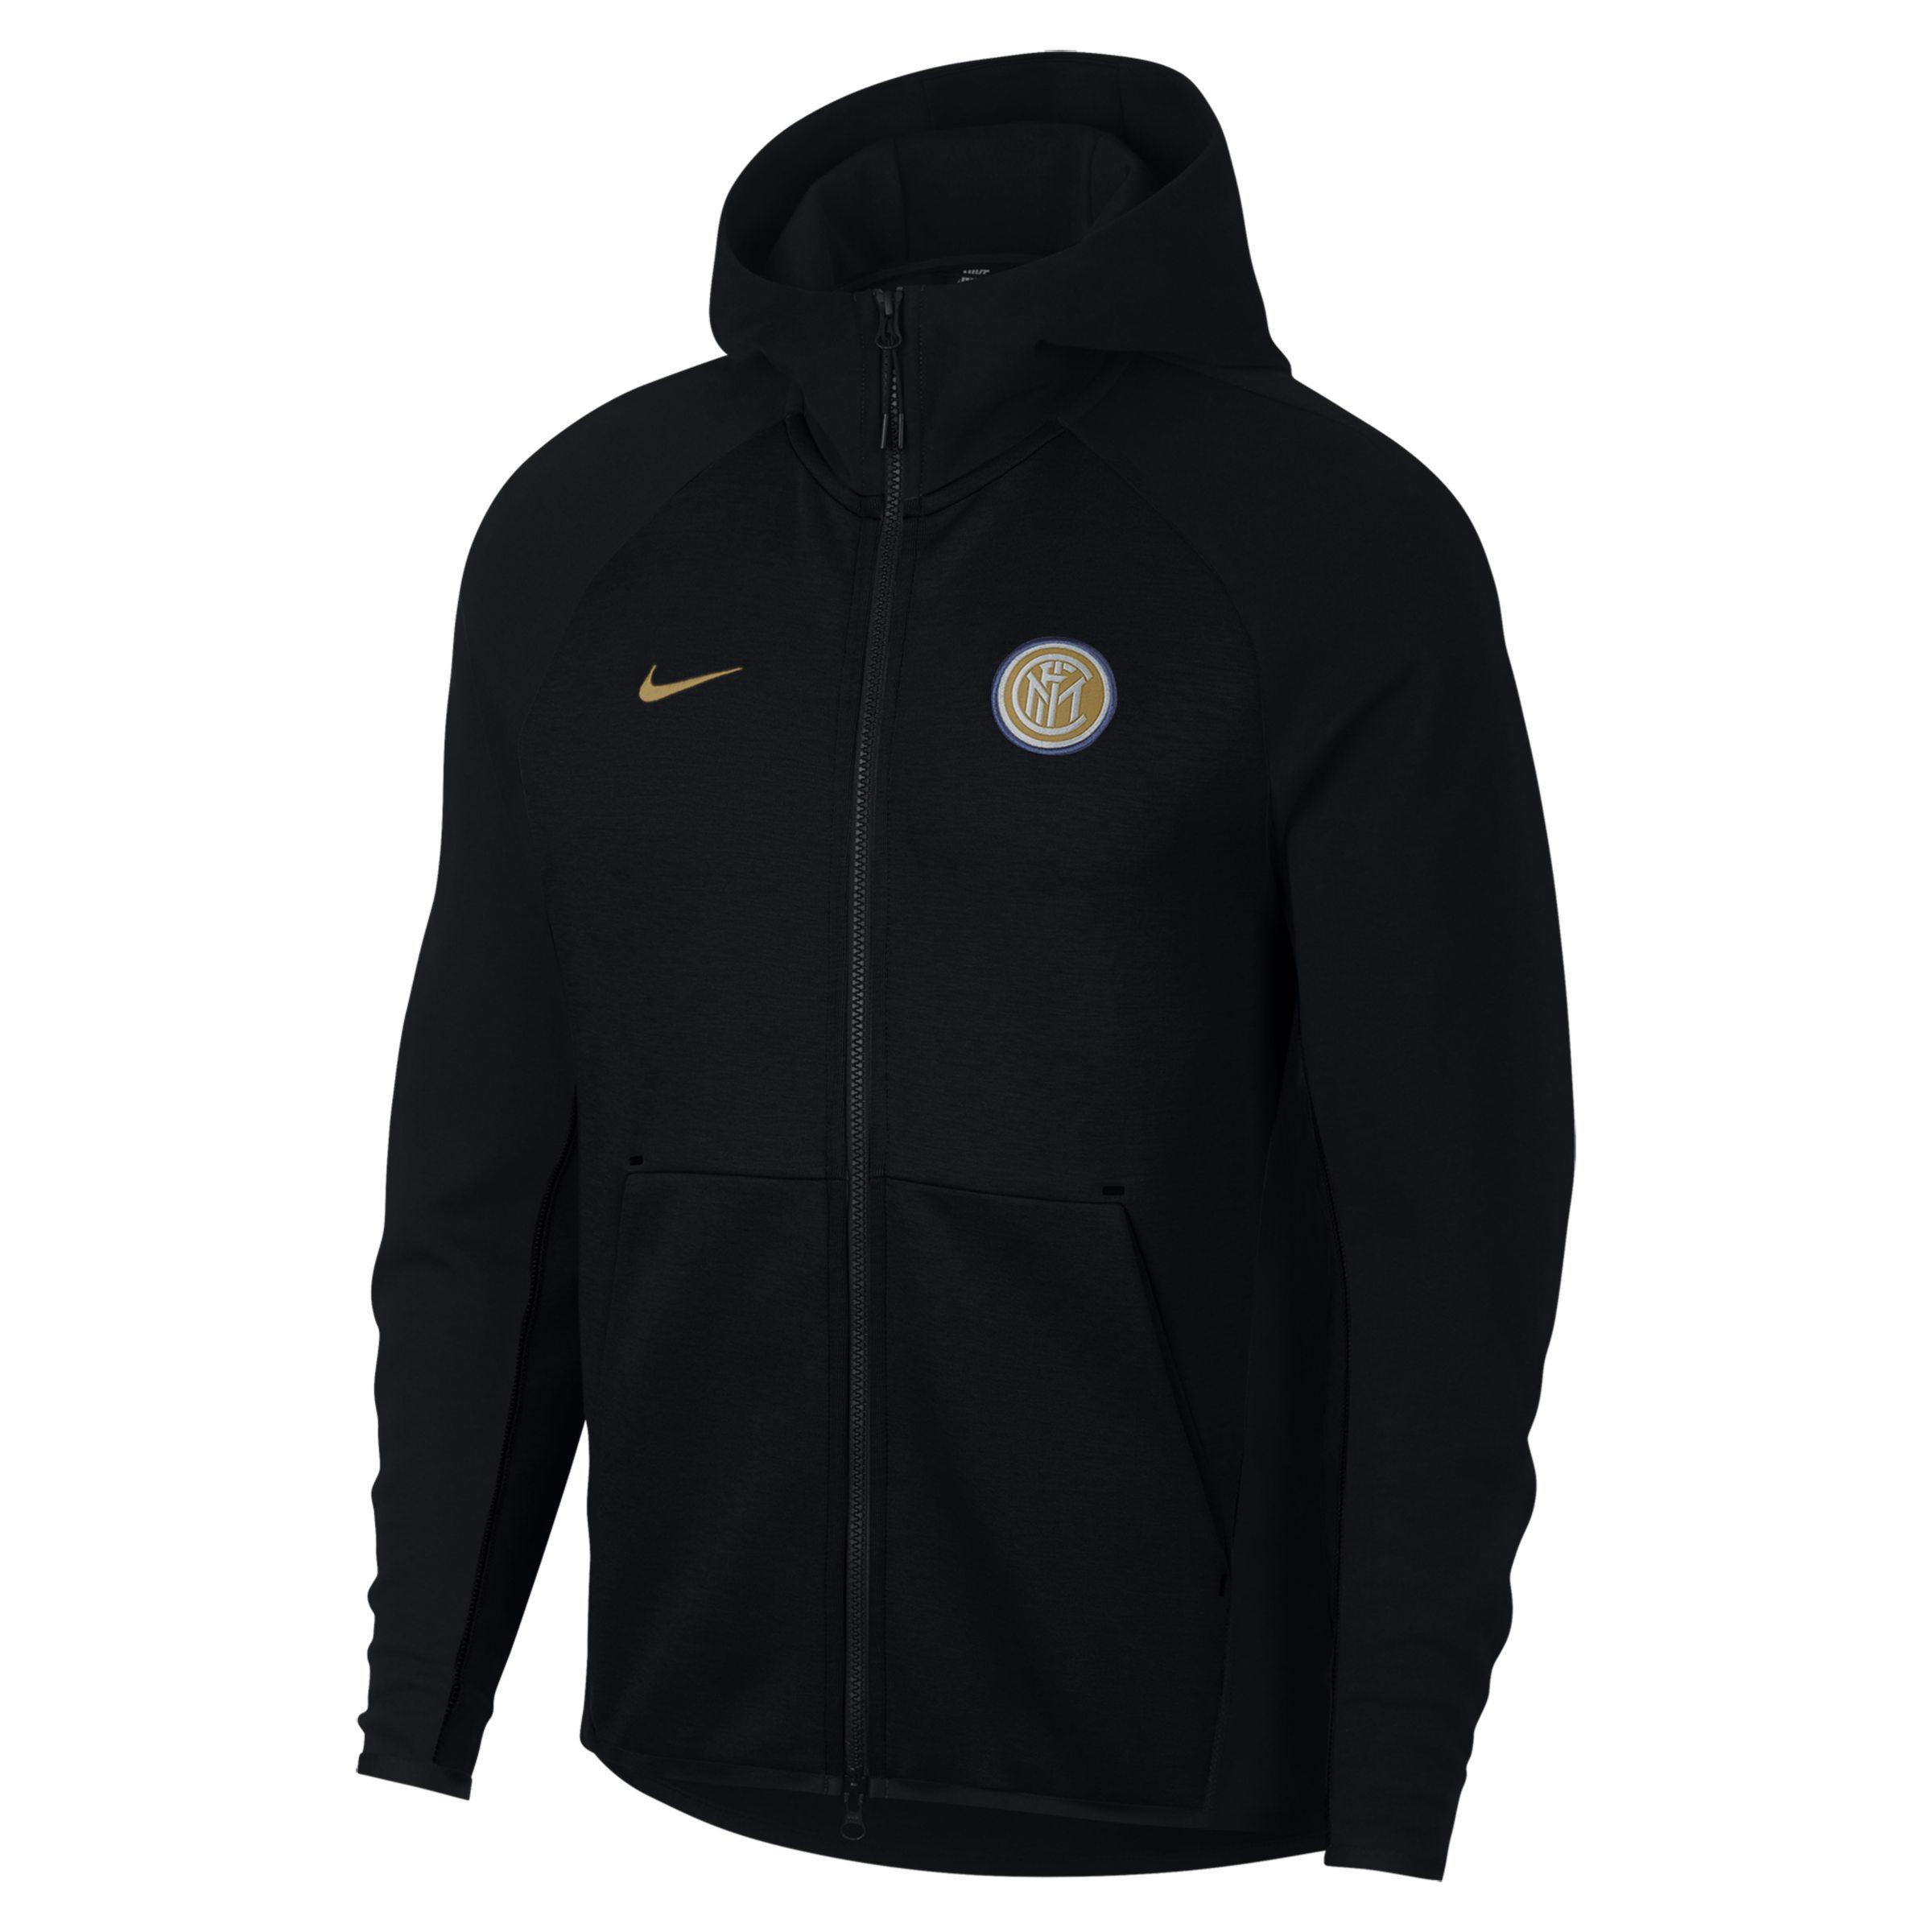 9077e0d08fc098 Nike Inter Milan Tech Fleece Full-zip Hoodie in Black for Men - Lyst